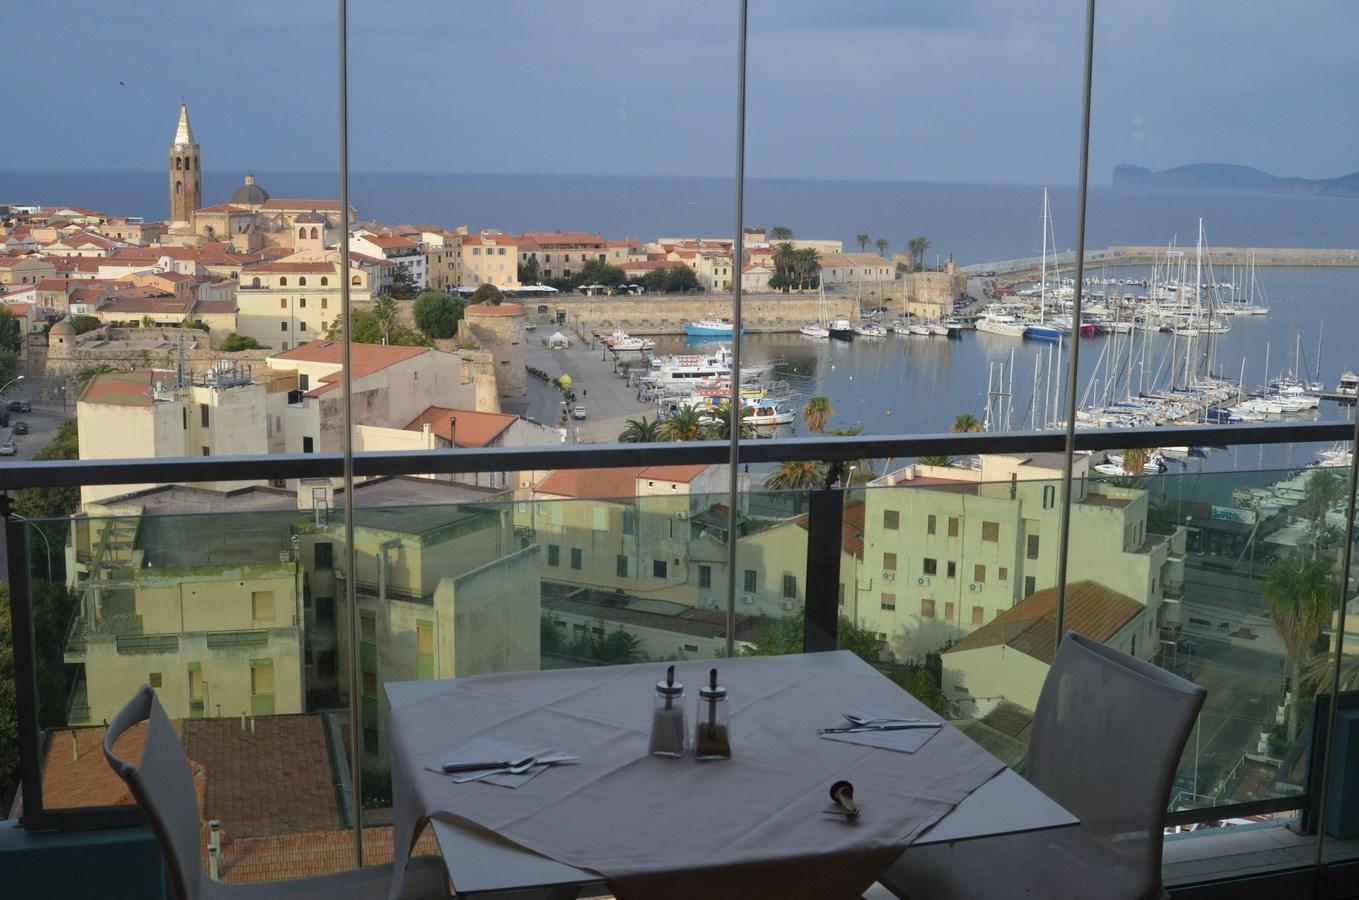 ... und hier der Blick aus dem Frühstücksraum unseres Hotels